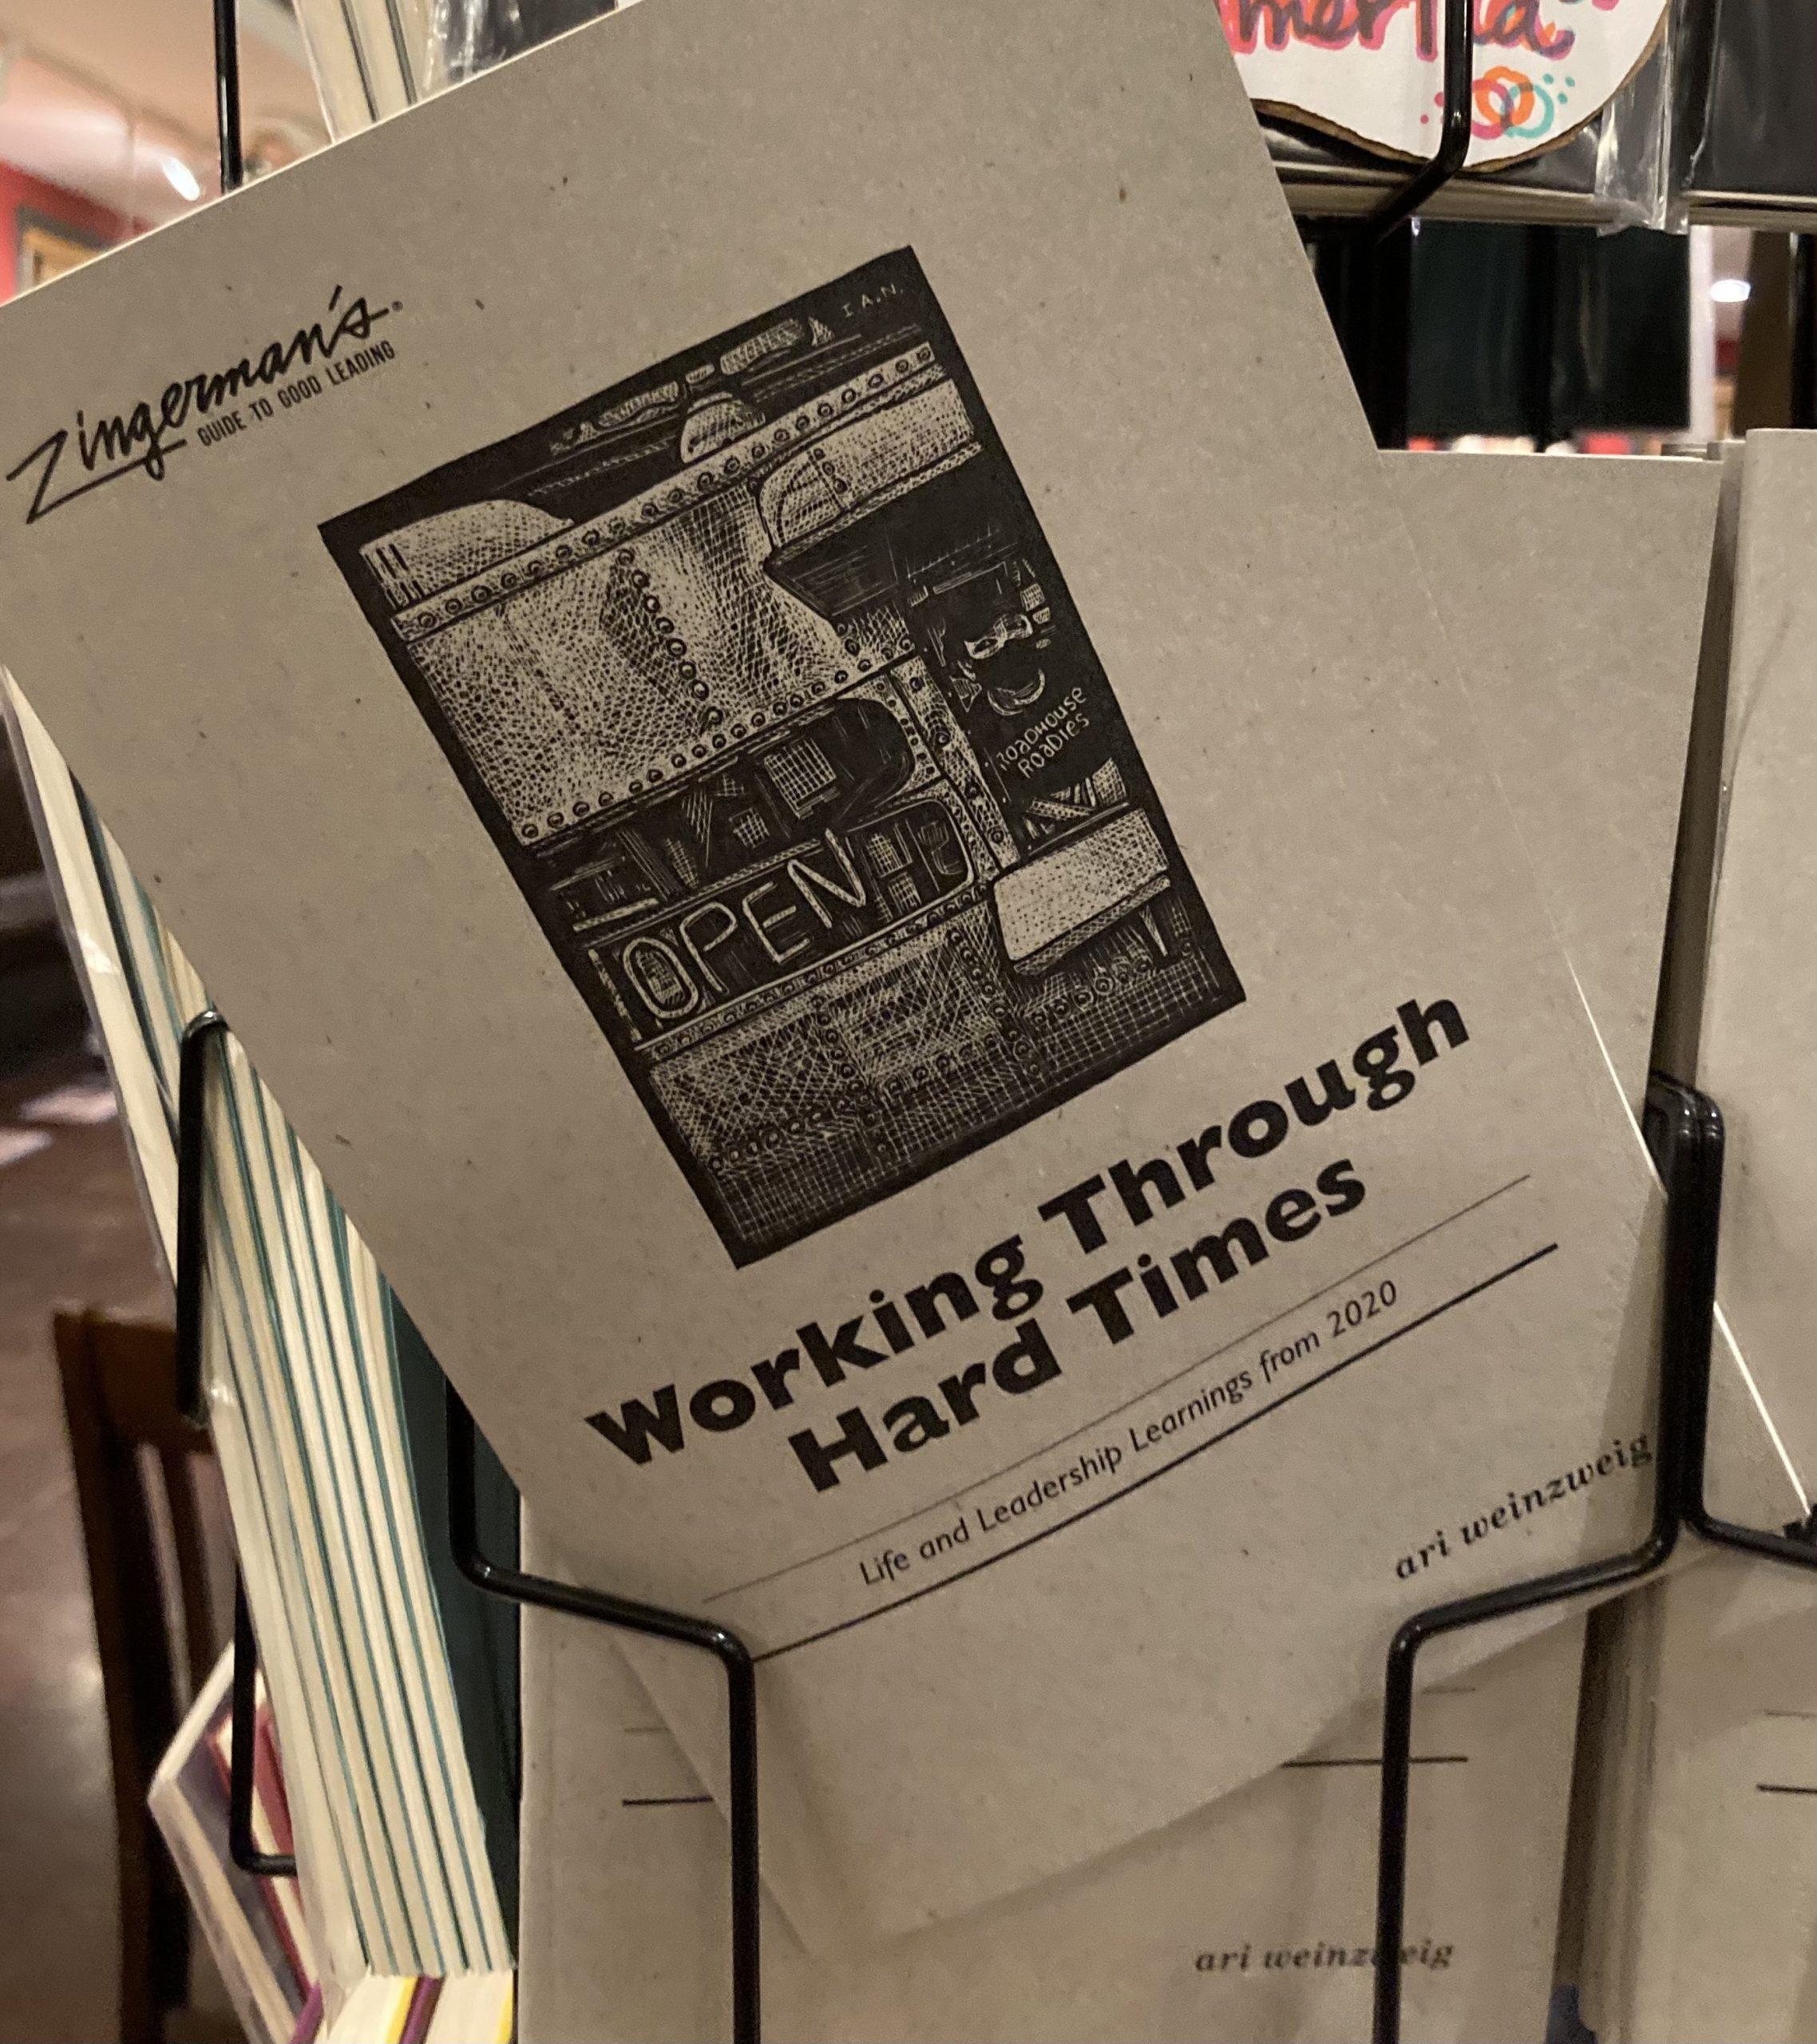 Working Through Hard Times Pamphlet by Ari Weinzweig